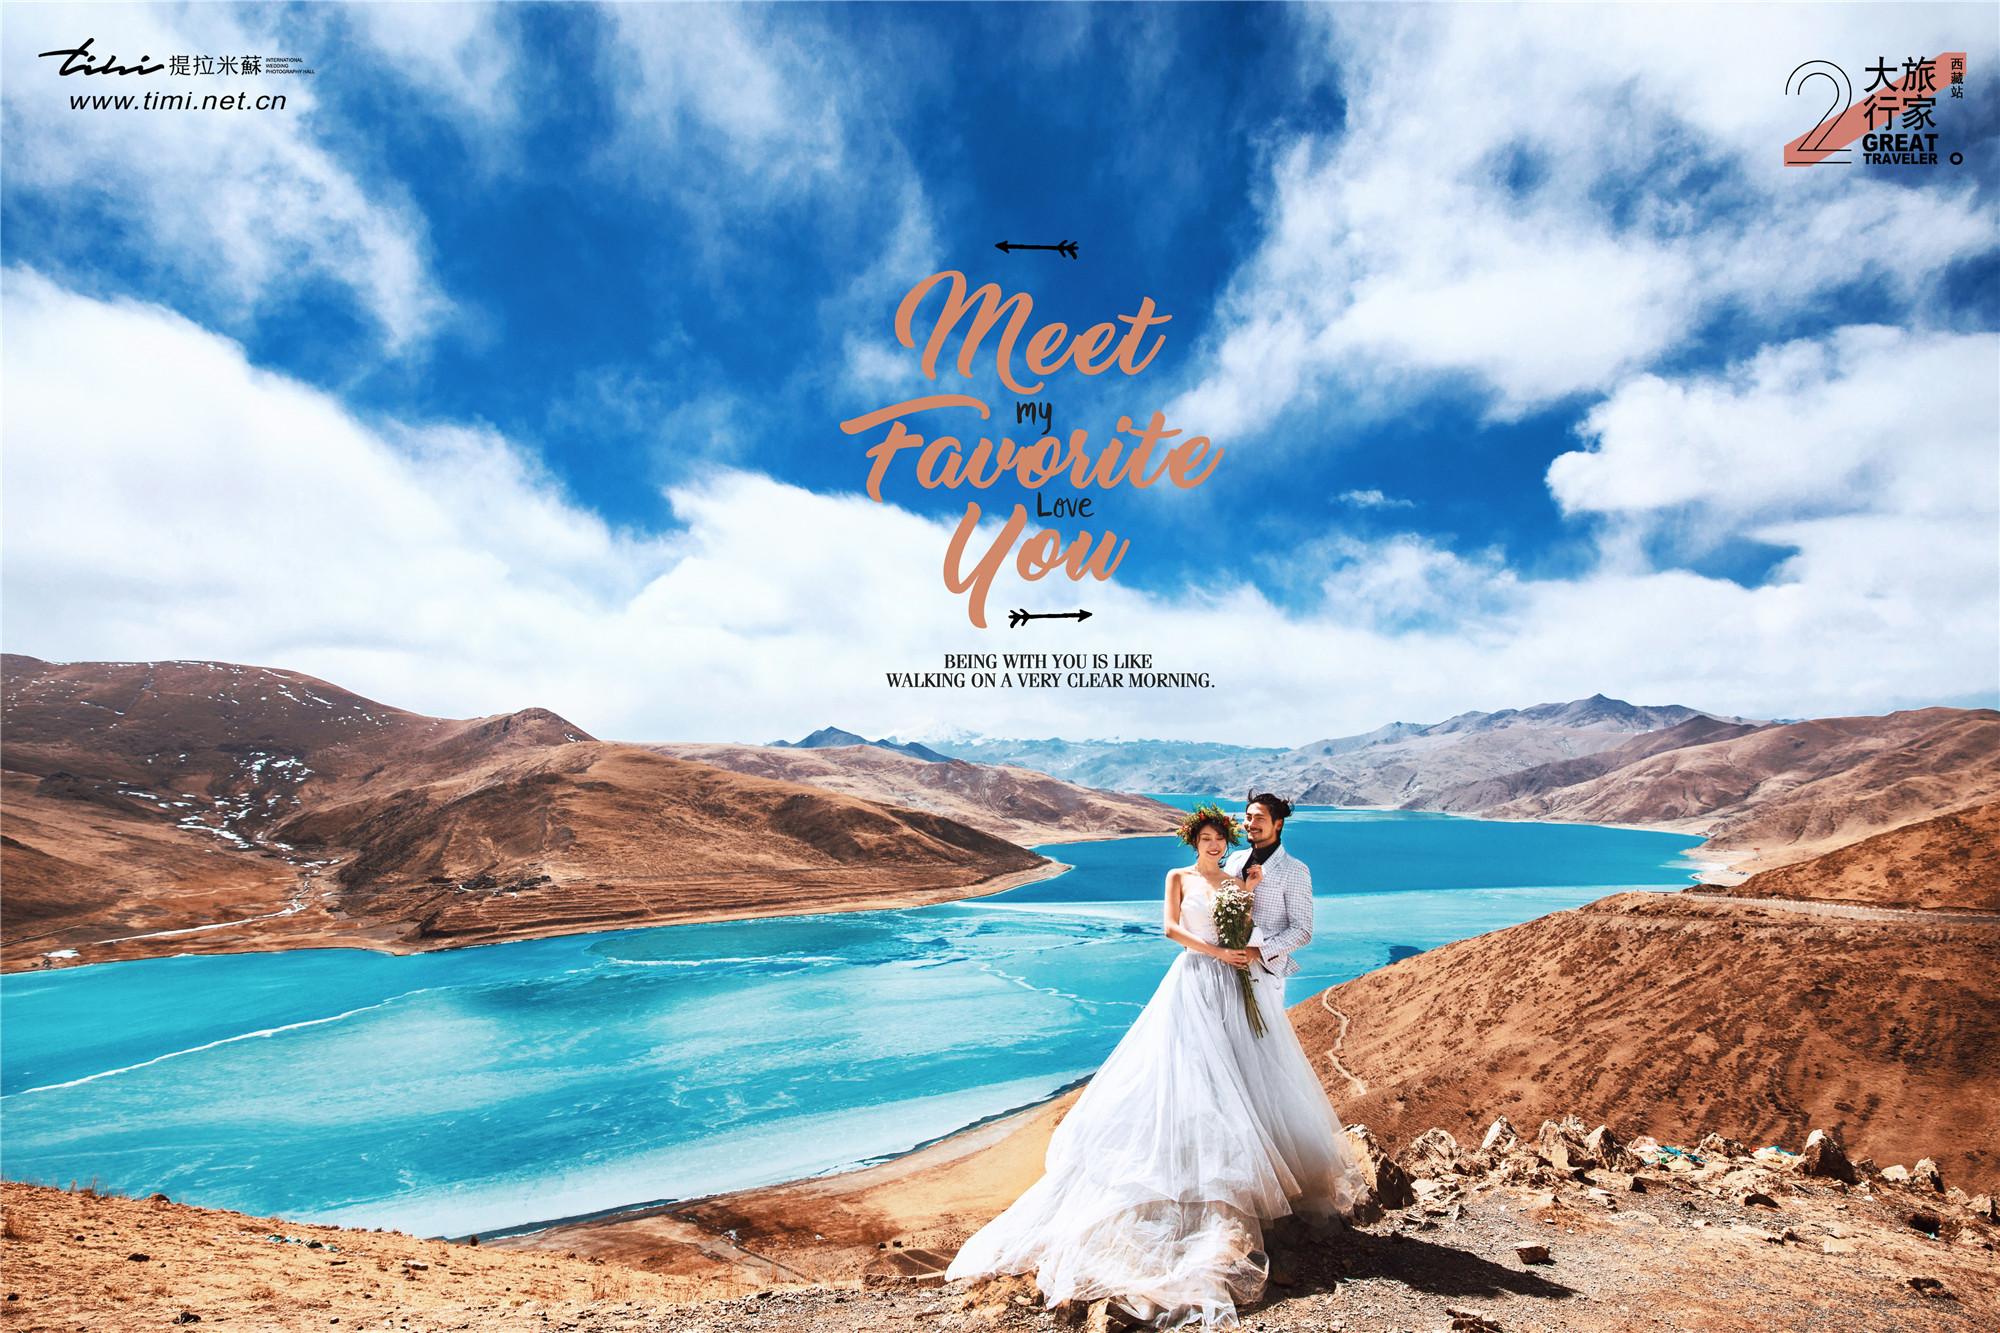 西藏婚纱摄影最佳时间及有哪些景点?